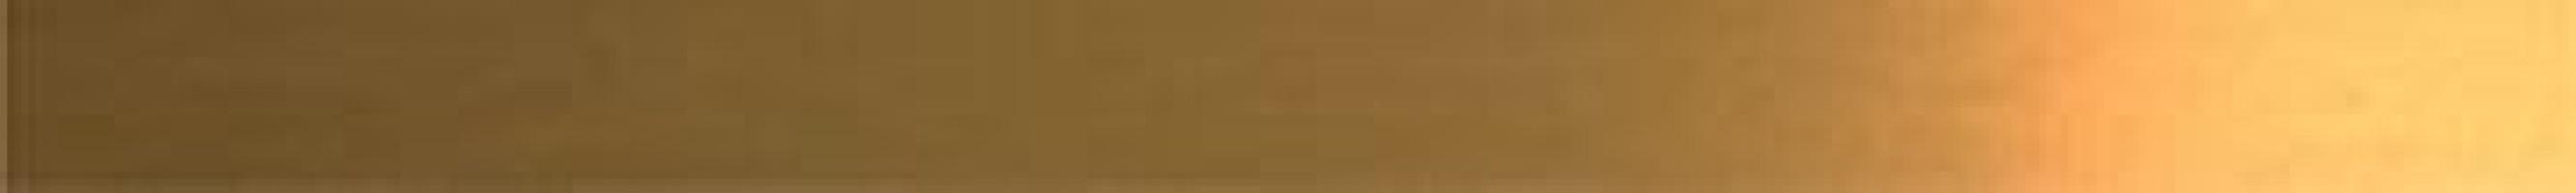 Бордюр 5010760МТ Forza Листелло матовое золото 0.7x60 Creto